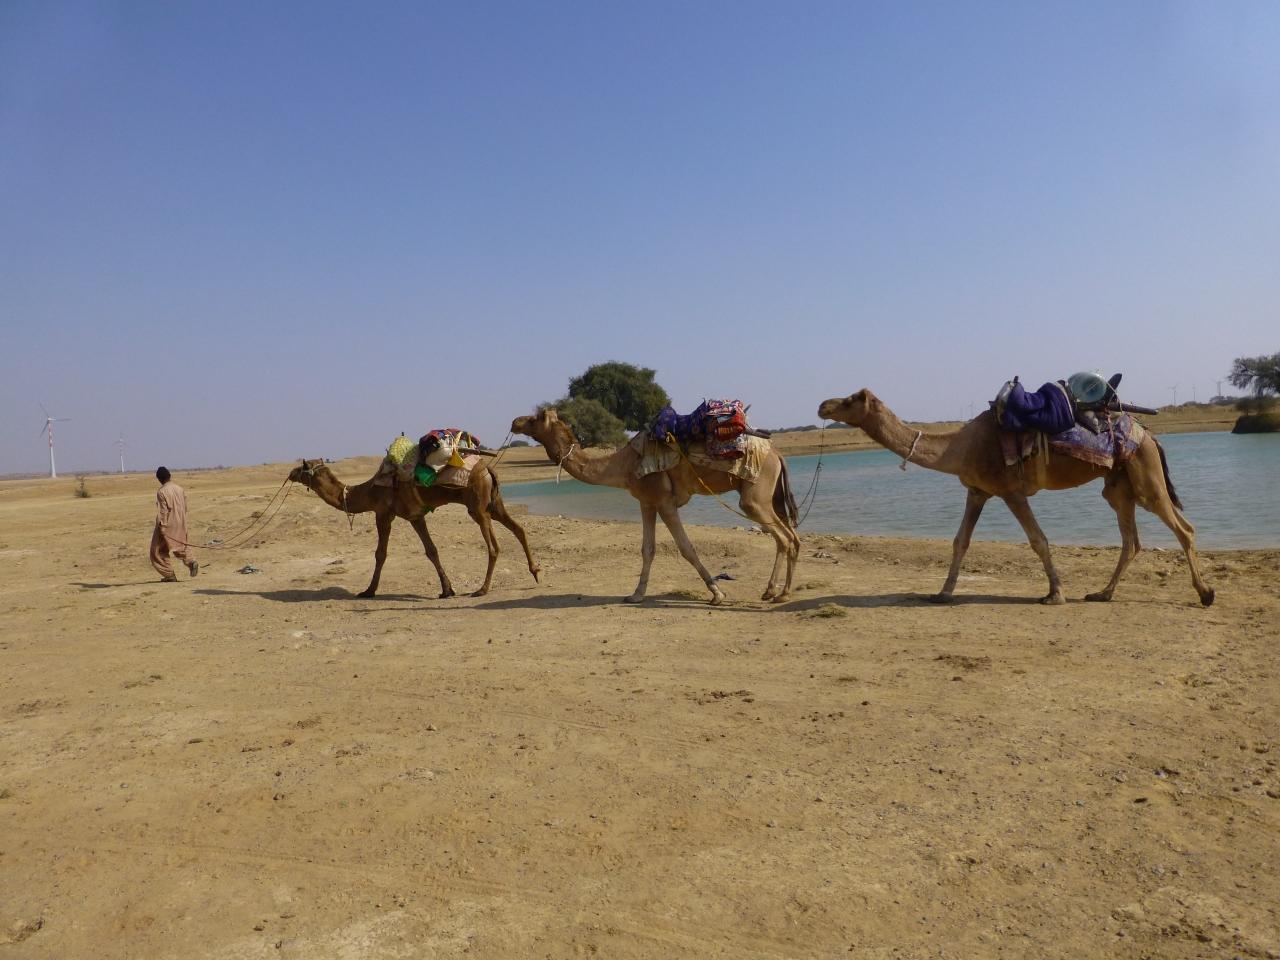 Jaisalmer: Hondenbeet bederft kameelsafariniet